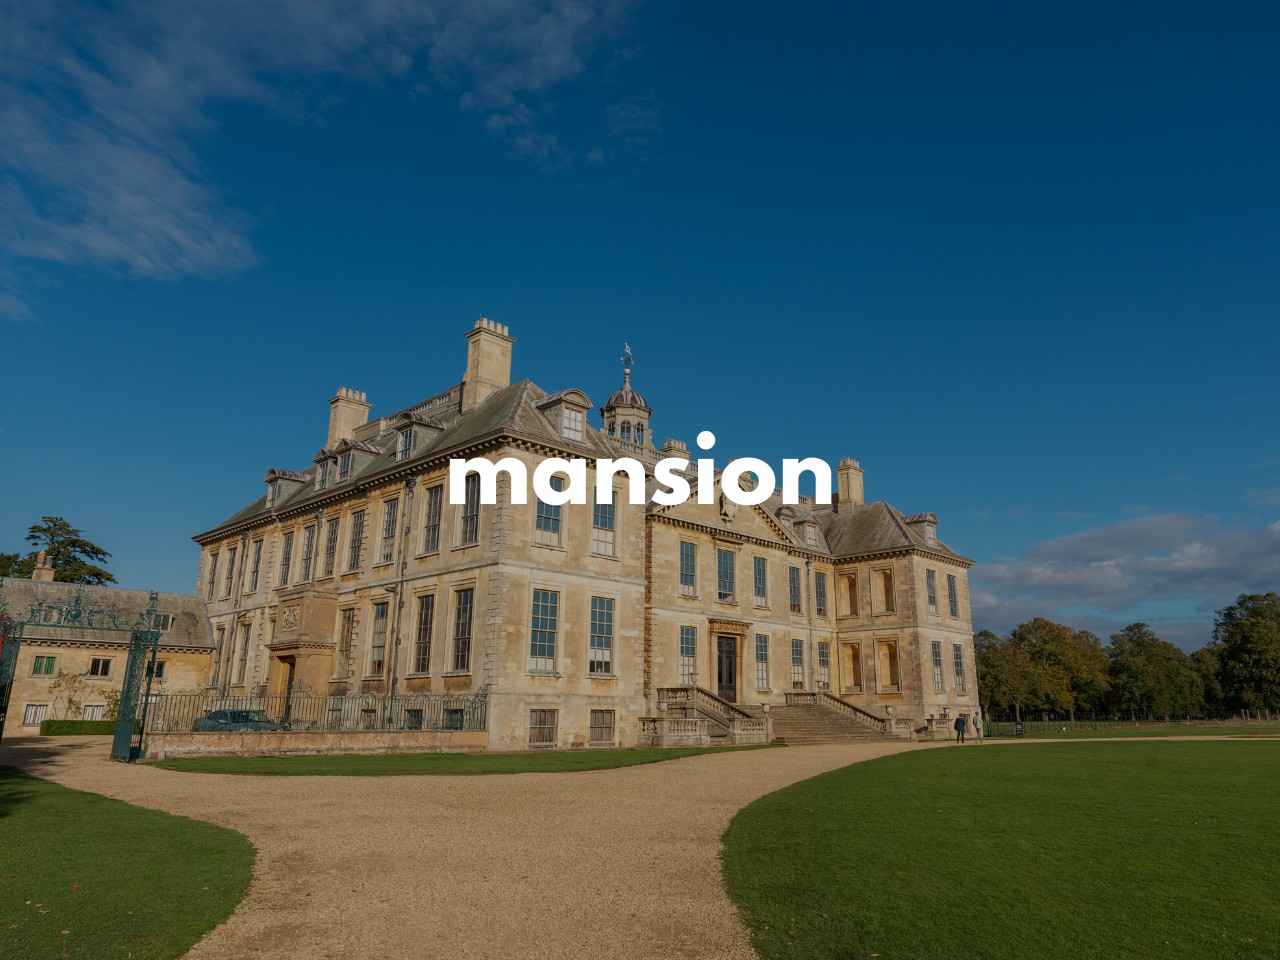 mansion : 大邸宅